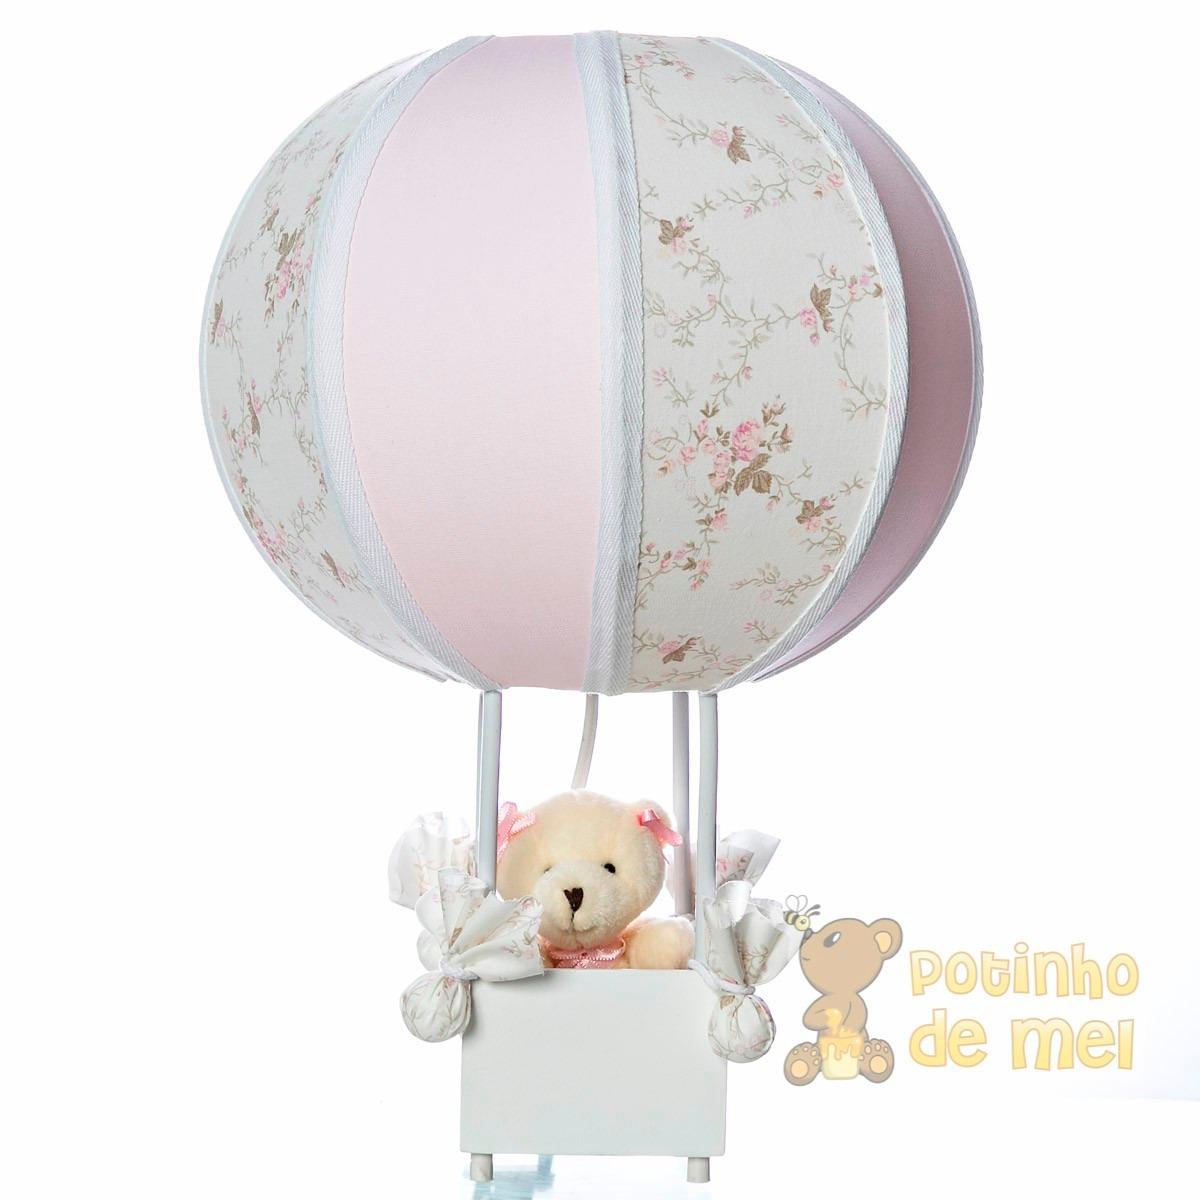 Abajur Luminária Balão Ursa Menina Quarto Bebê E Infantil  R$ 99,00 em Merc